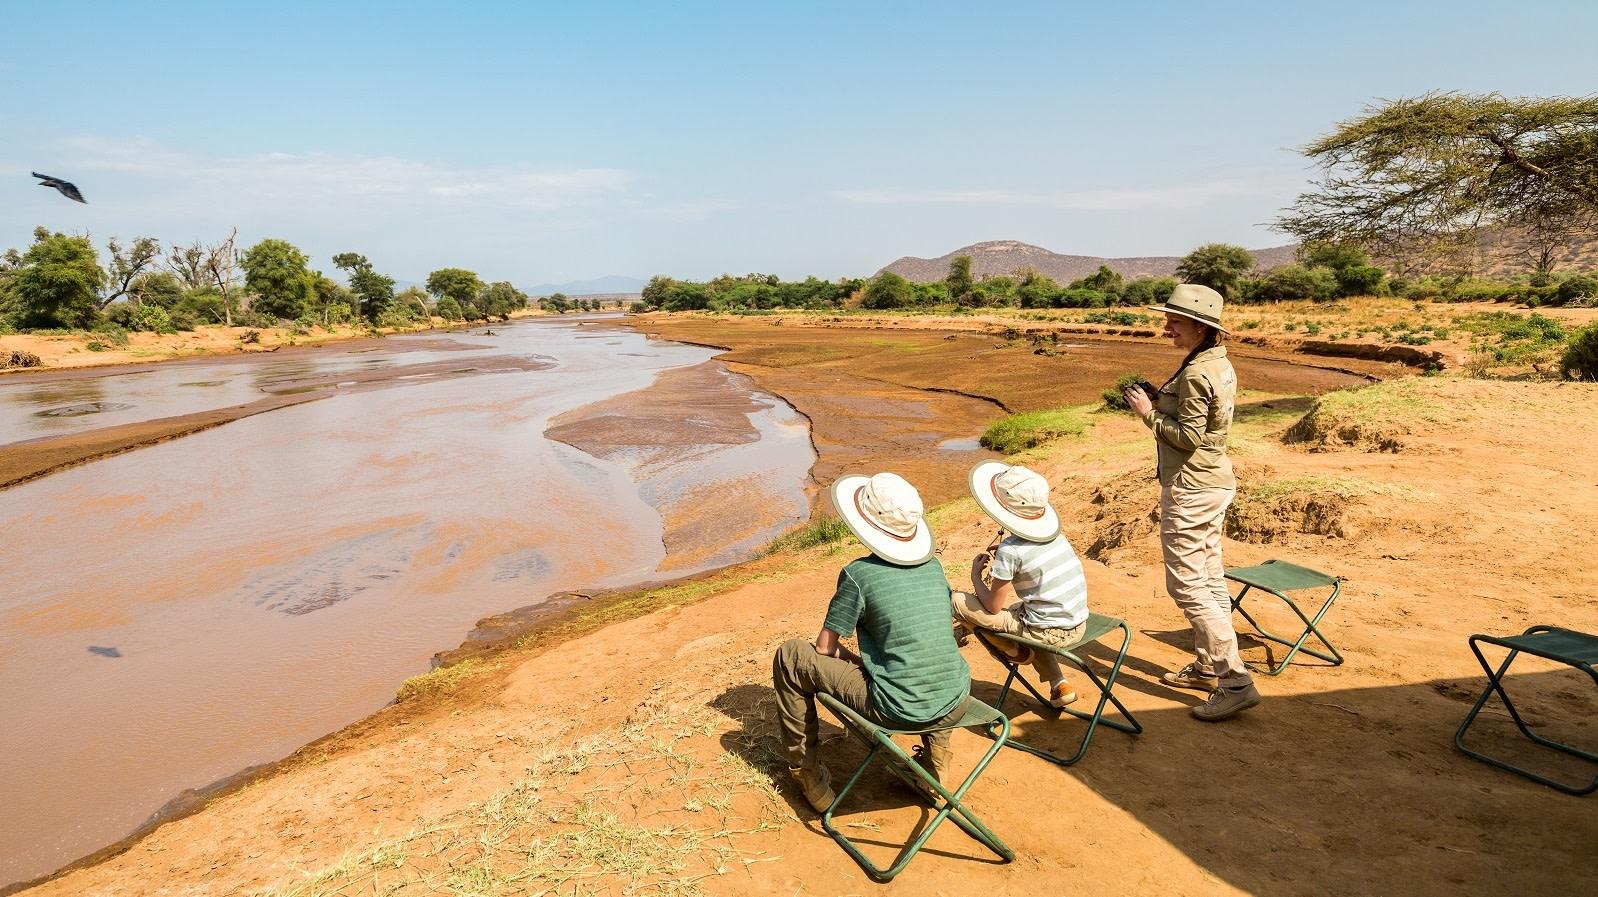 Ewasi Nyiro river in Samburu